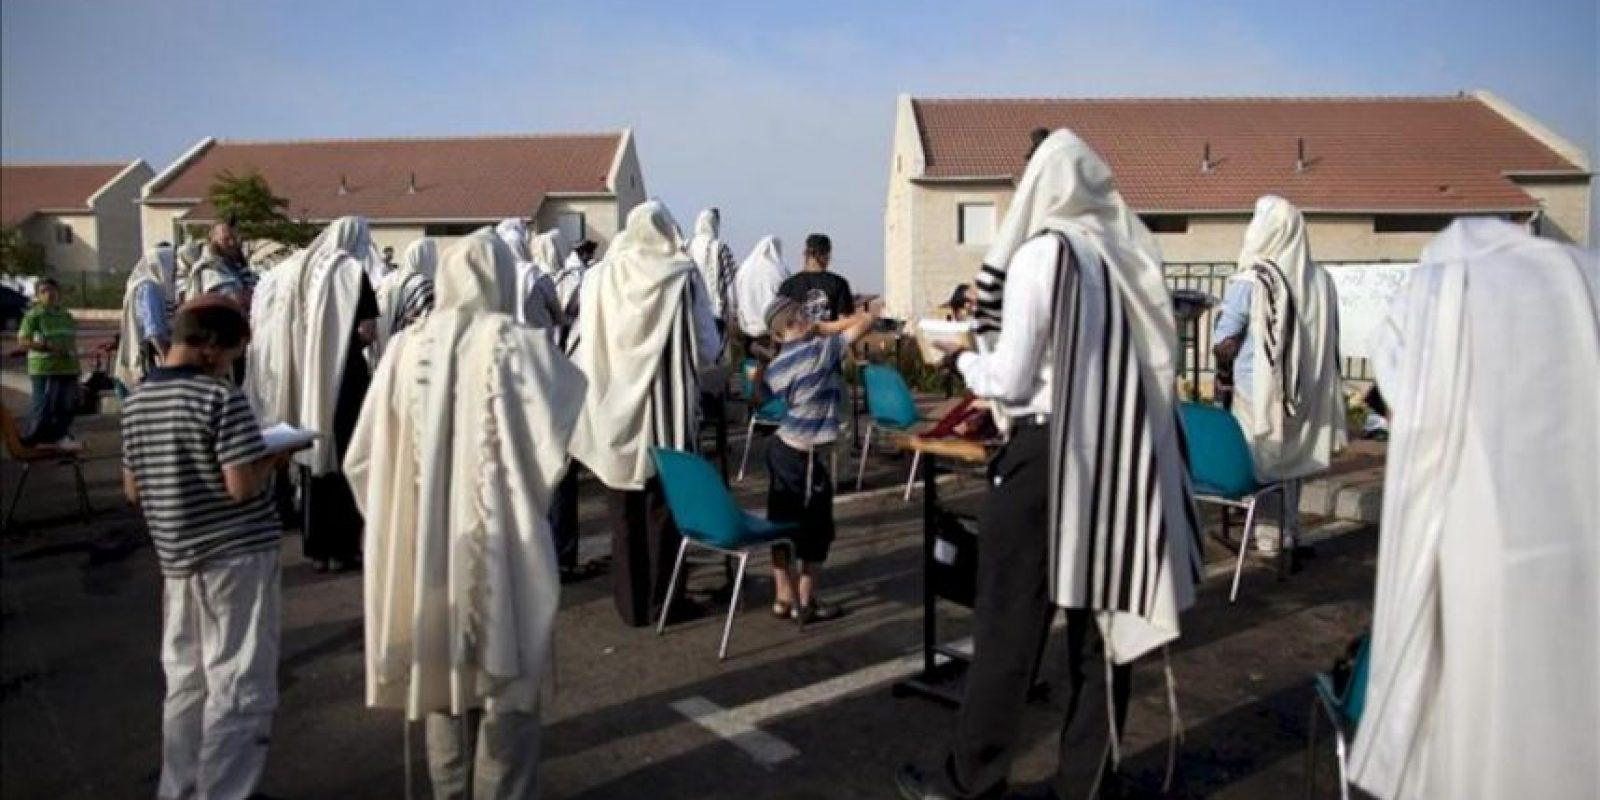 Colonos judíos rezan en un aparcamiento situado frente a las casas que serán demolidas en el barrio de Ulpana, dentro del asentamiento judío de Bet El, en Cisjordania, hoy martes 26 de junio. EFE